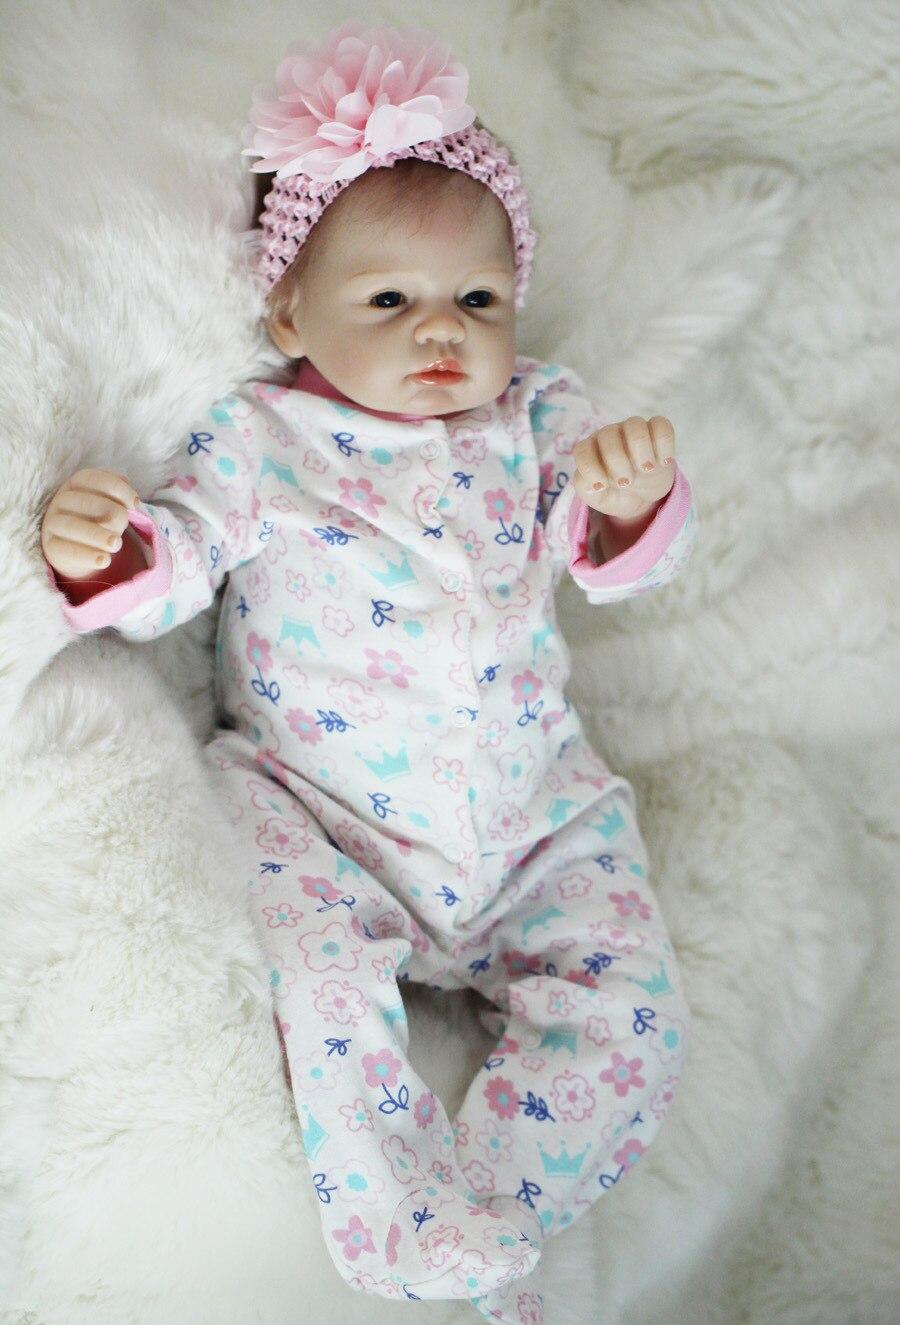 Silicona bebé reborn cuerpo suave con algodón 22 ''npk realista muñeca Reborn bebé lindo 55 cm bebe crecimiento Partner baratos Juguetes